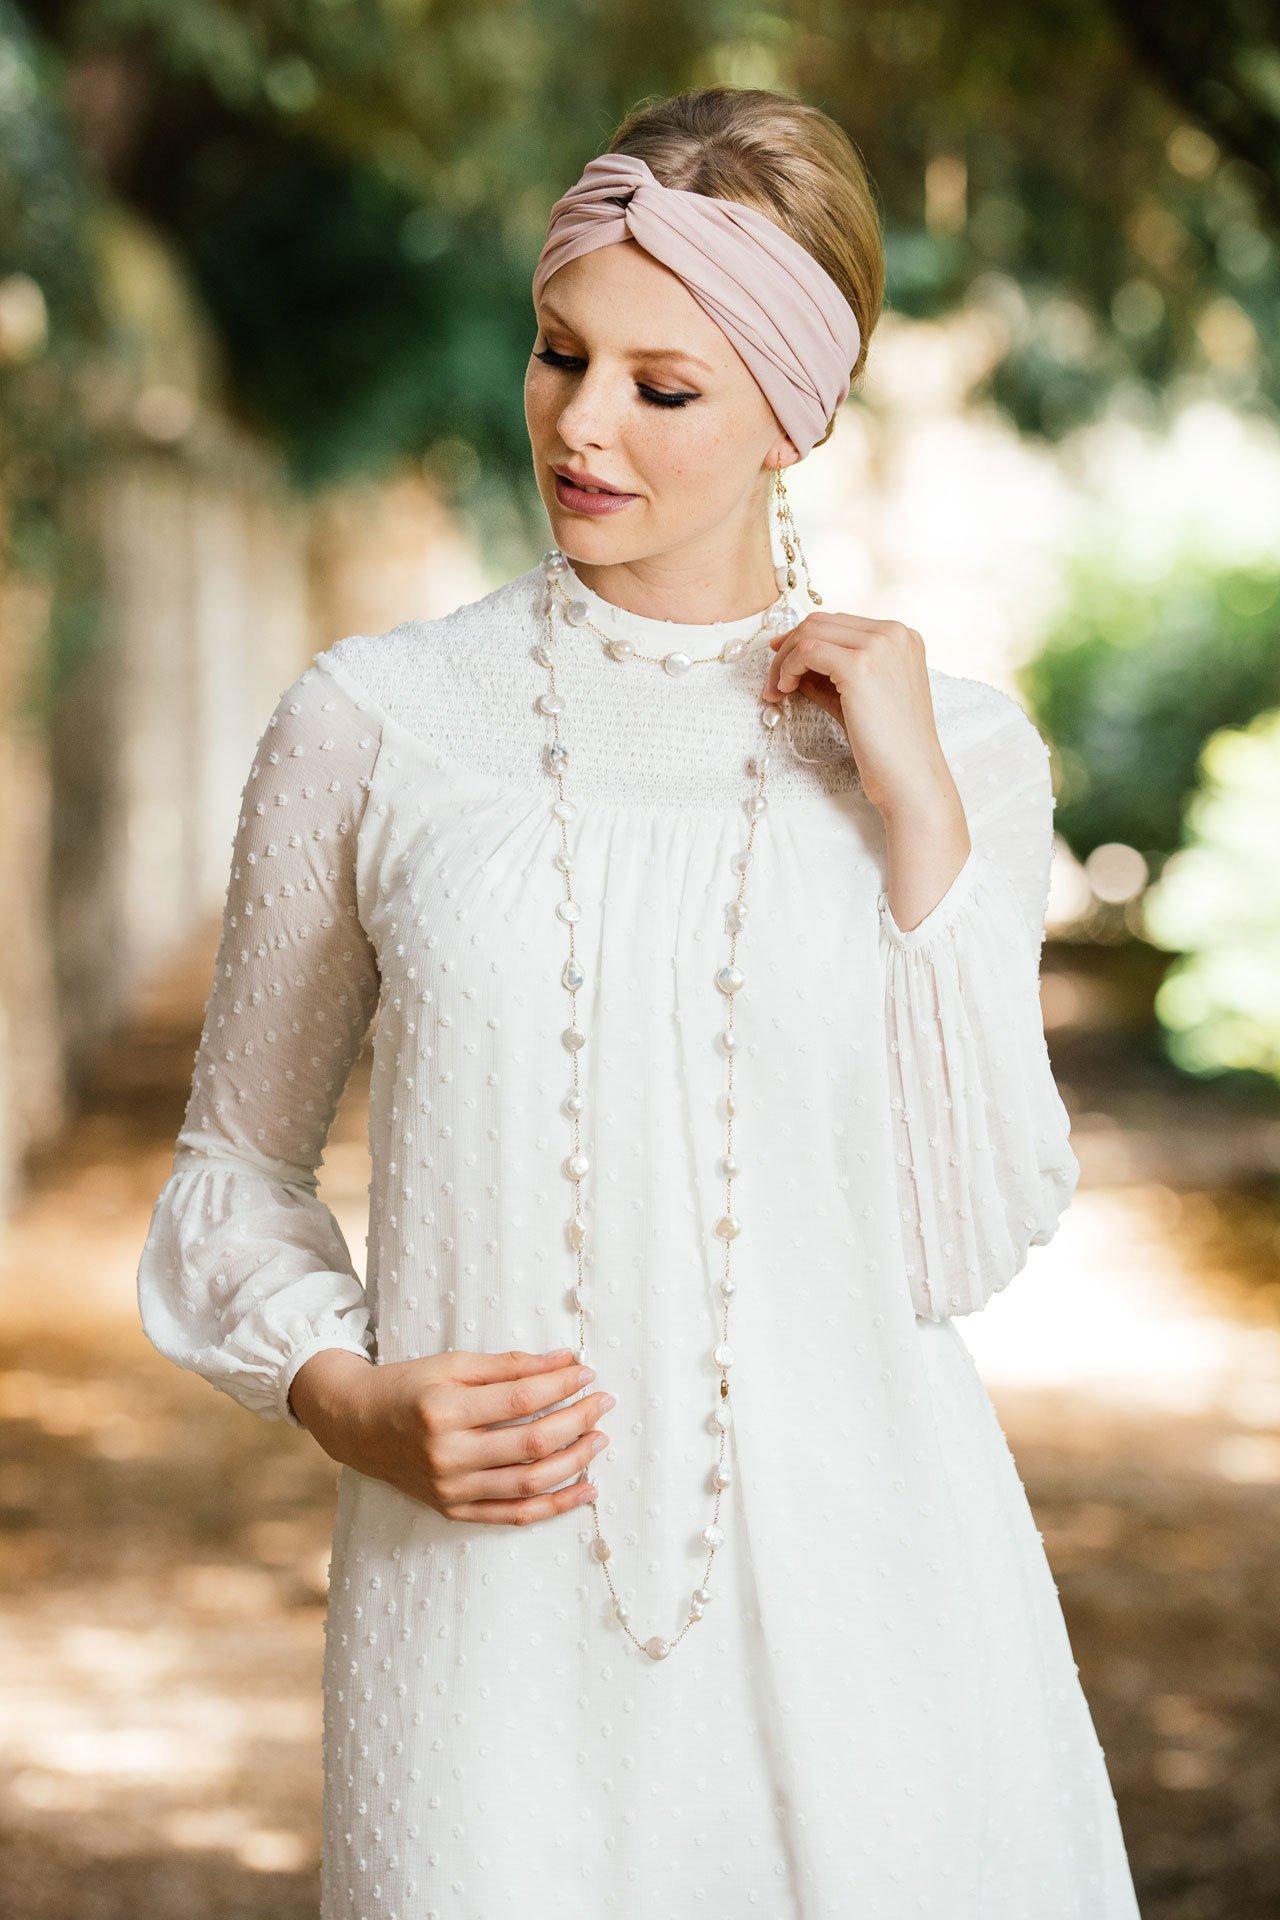 Brautkleid Standesamt Im 70er Jahre Stil In Wundervollem Tupfen Chiffon